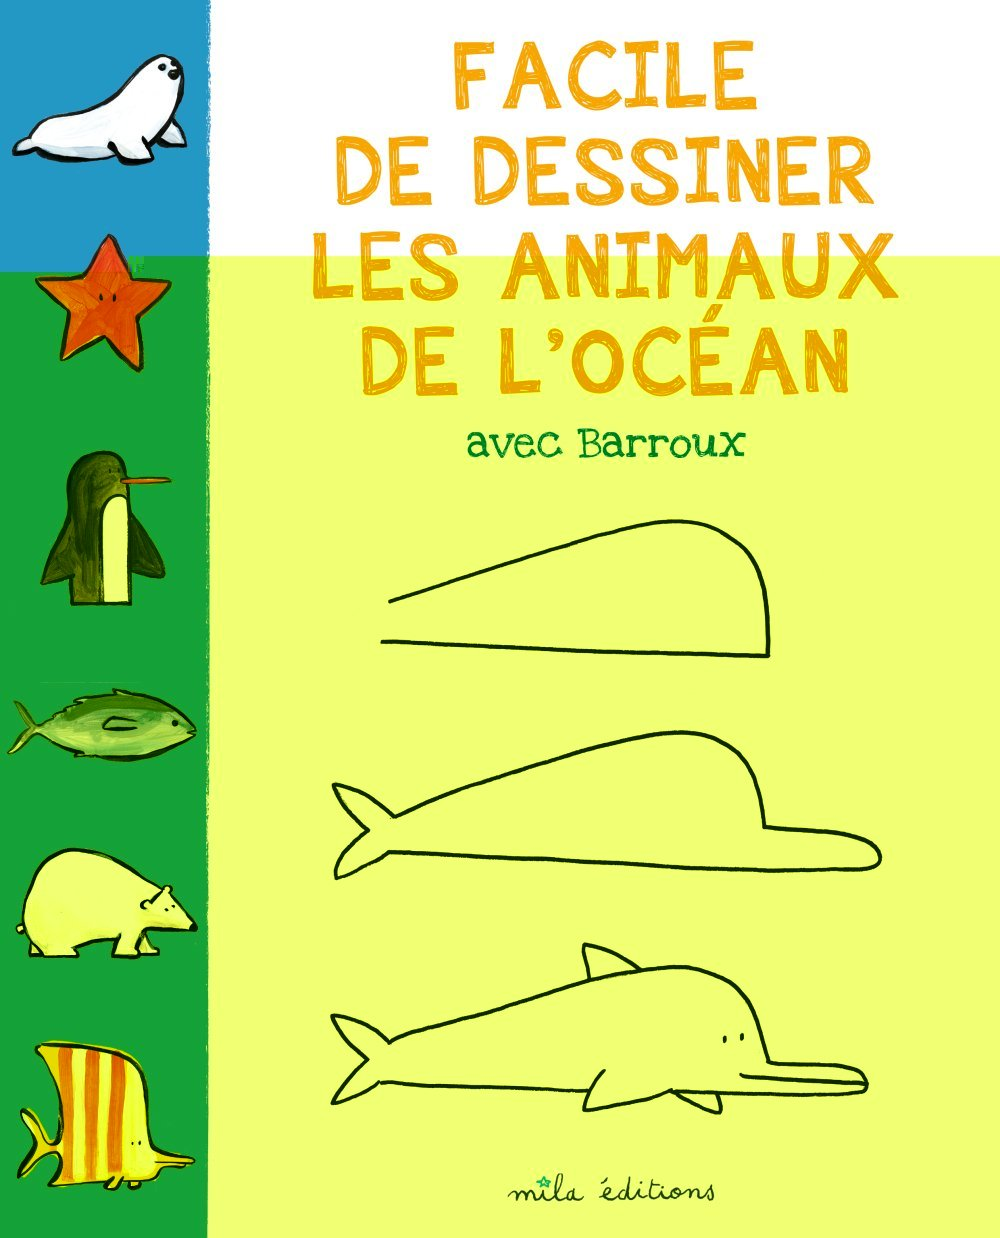 FACILE DE DESSINER LES ANIMAUX DE L'OCEAN